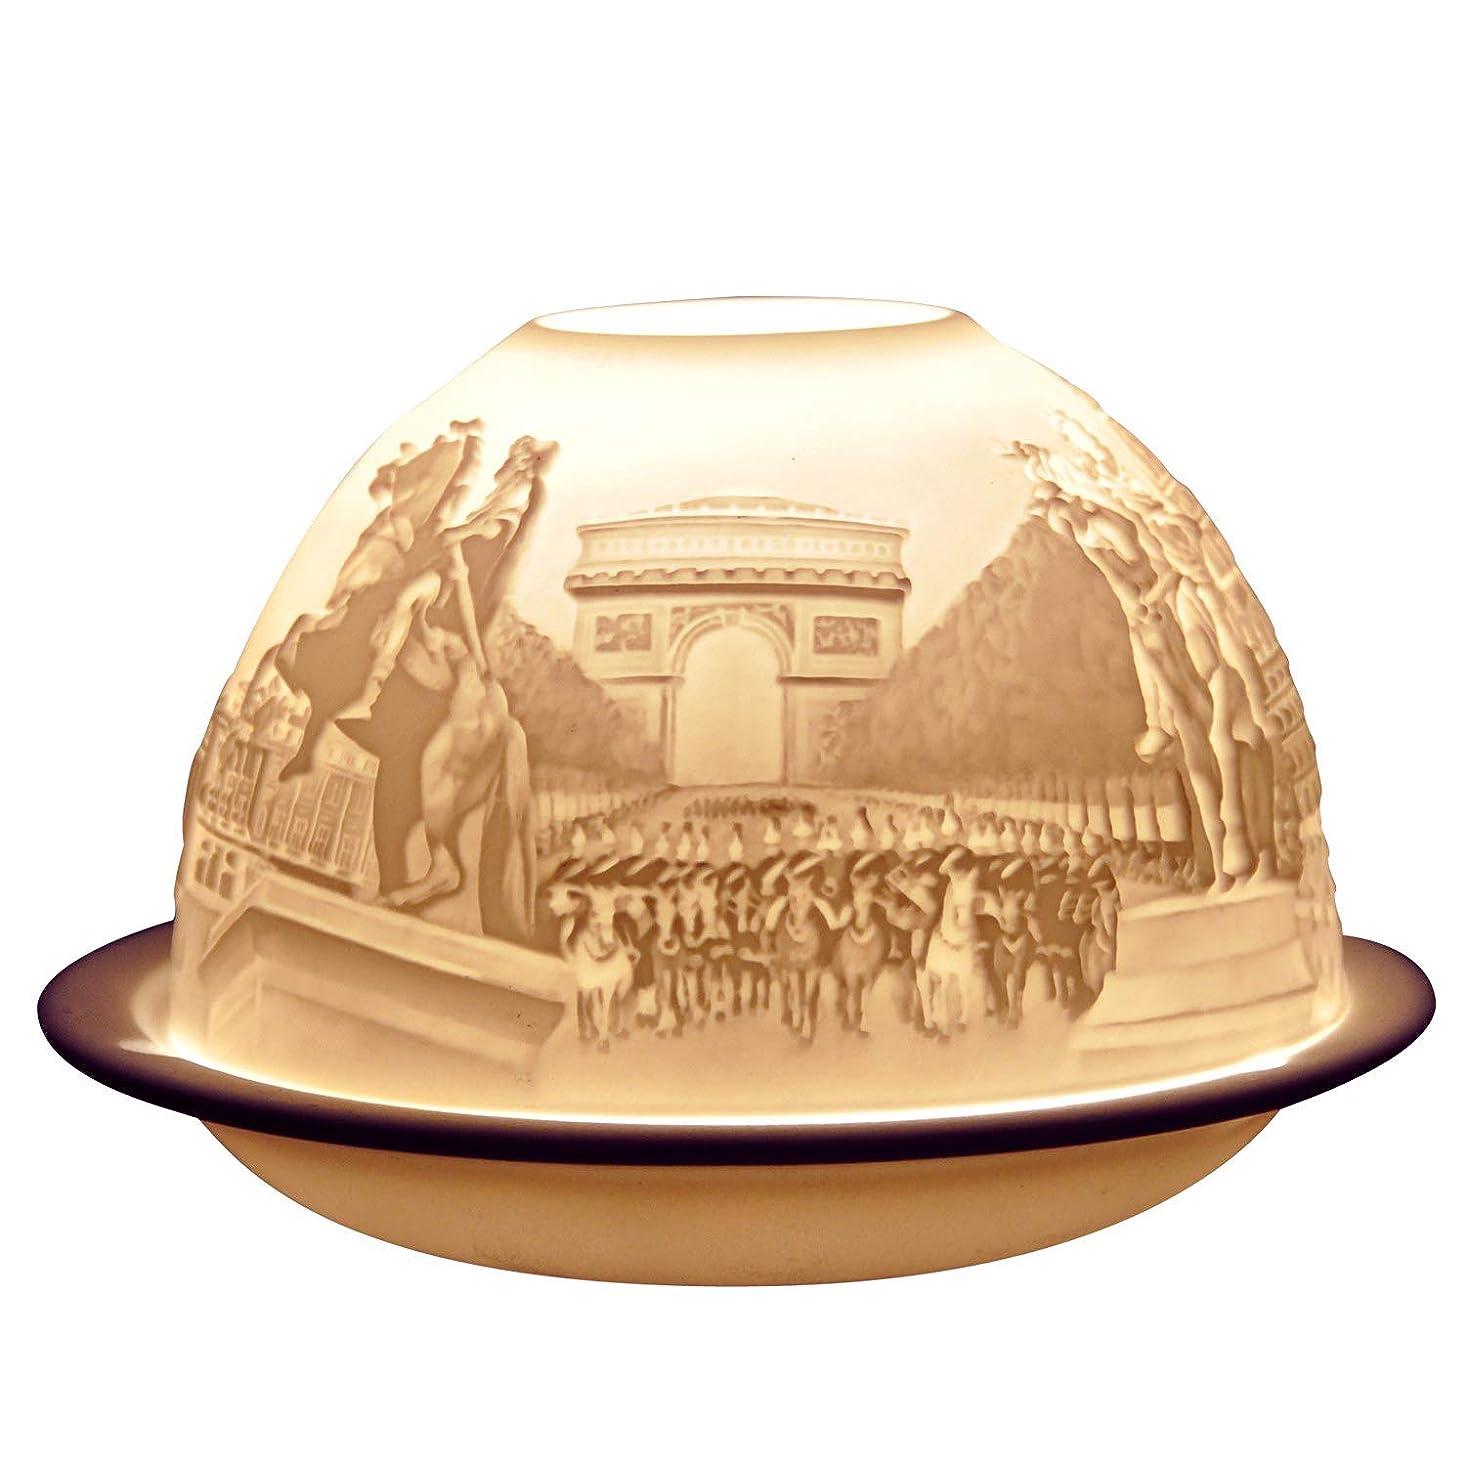 振動するこんにちは保有者ベルナルド[BERNARDAUD] キャンドル用リトファニー ランプ 「パリ モニュメント」フランス製 リモージュ